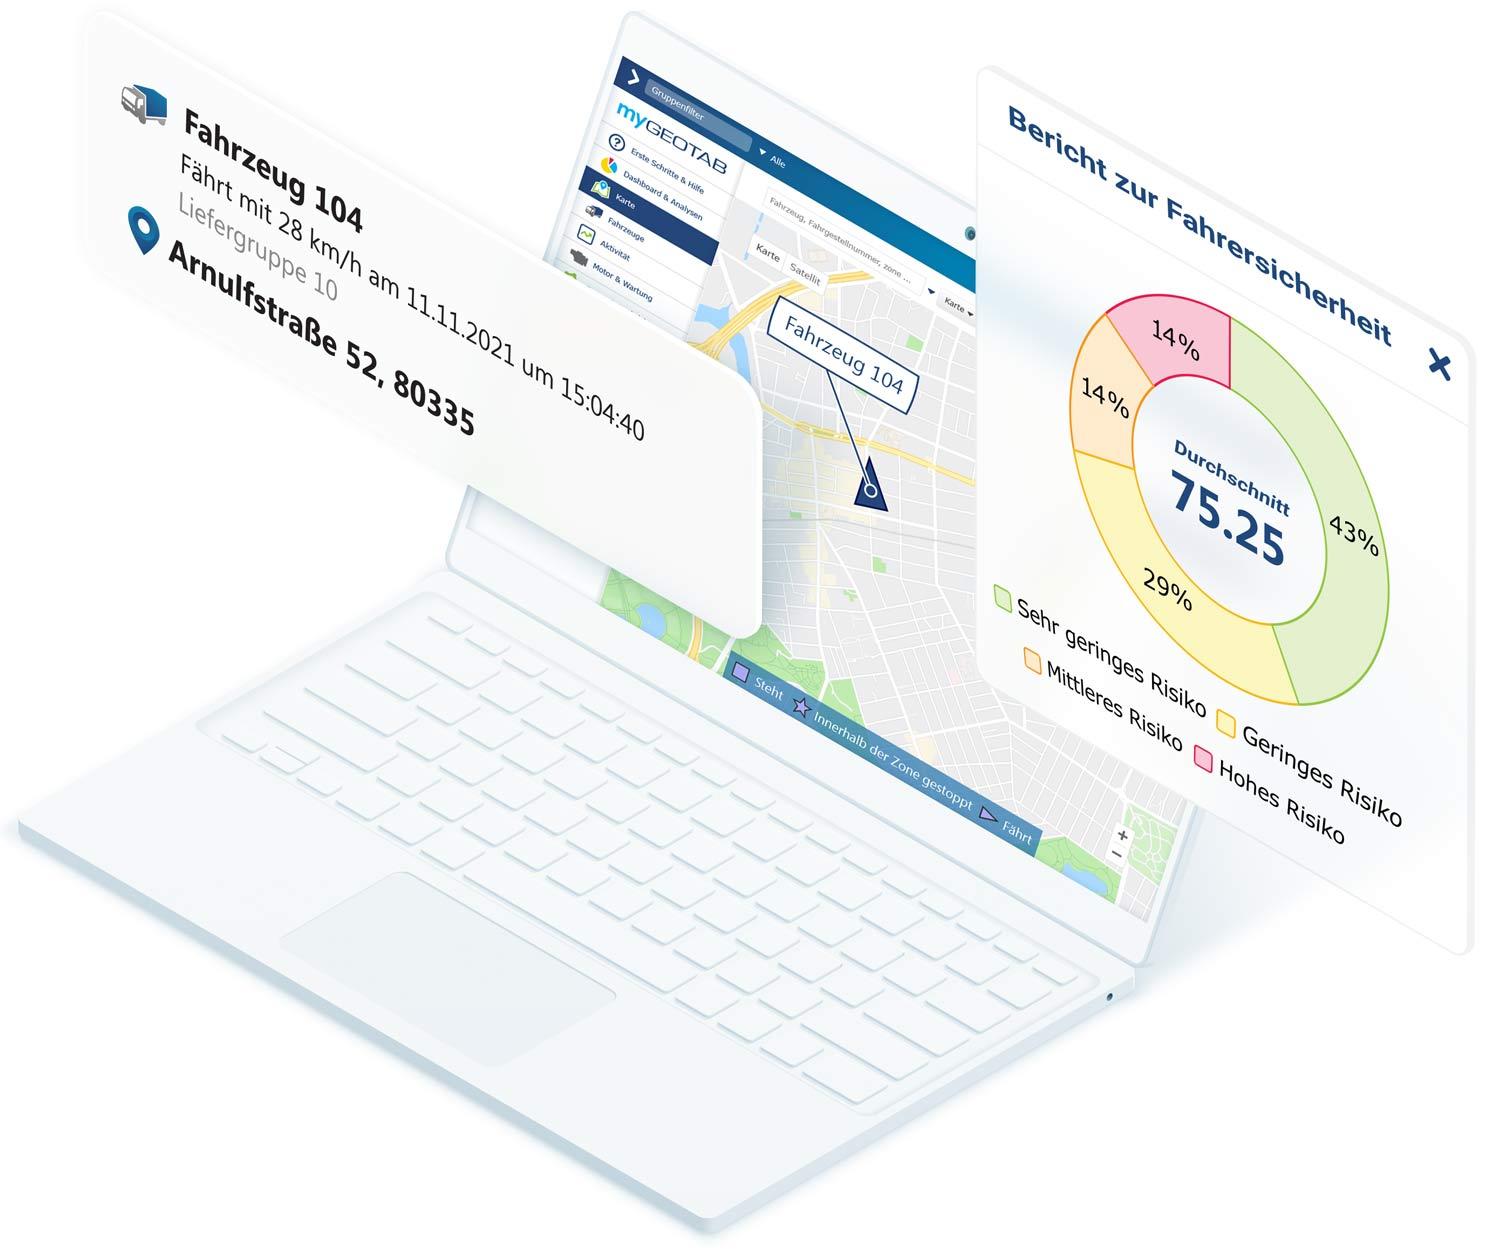 Weißer Laptop mit MyGeotab-Karte mit Fahrzeugdaten und Berichtsbogen zu Fahrersicherheit über dem Bildschirm